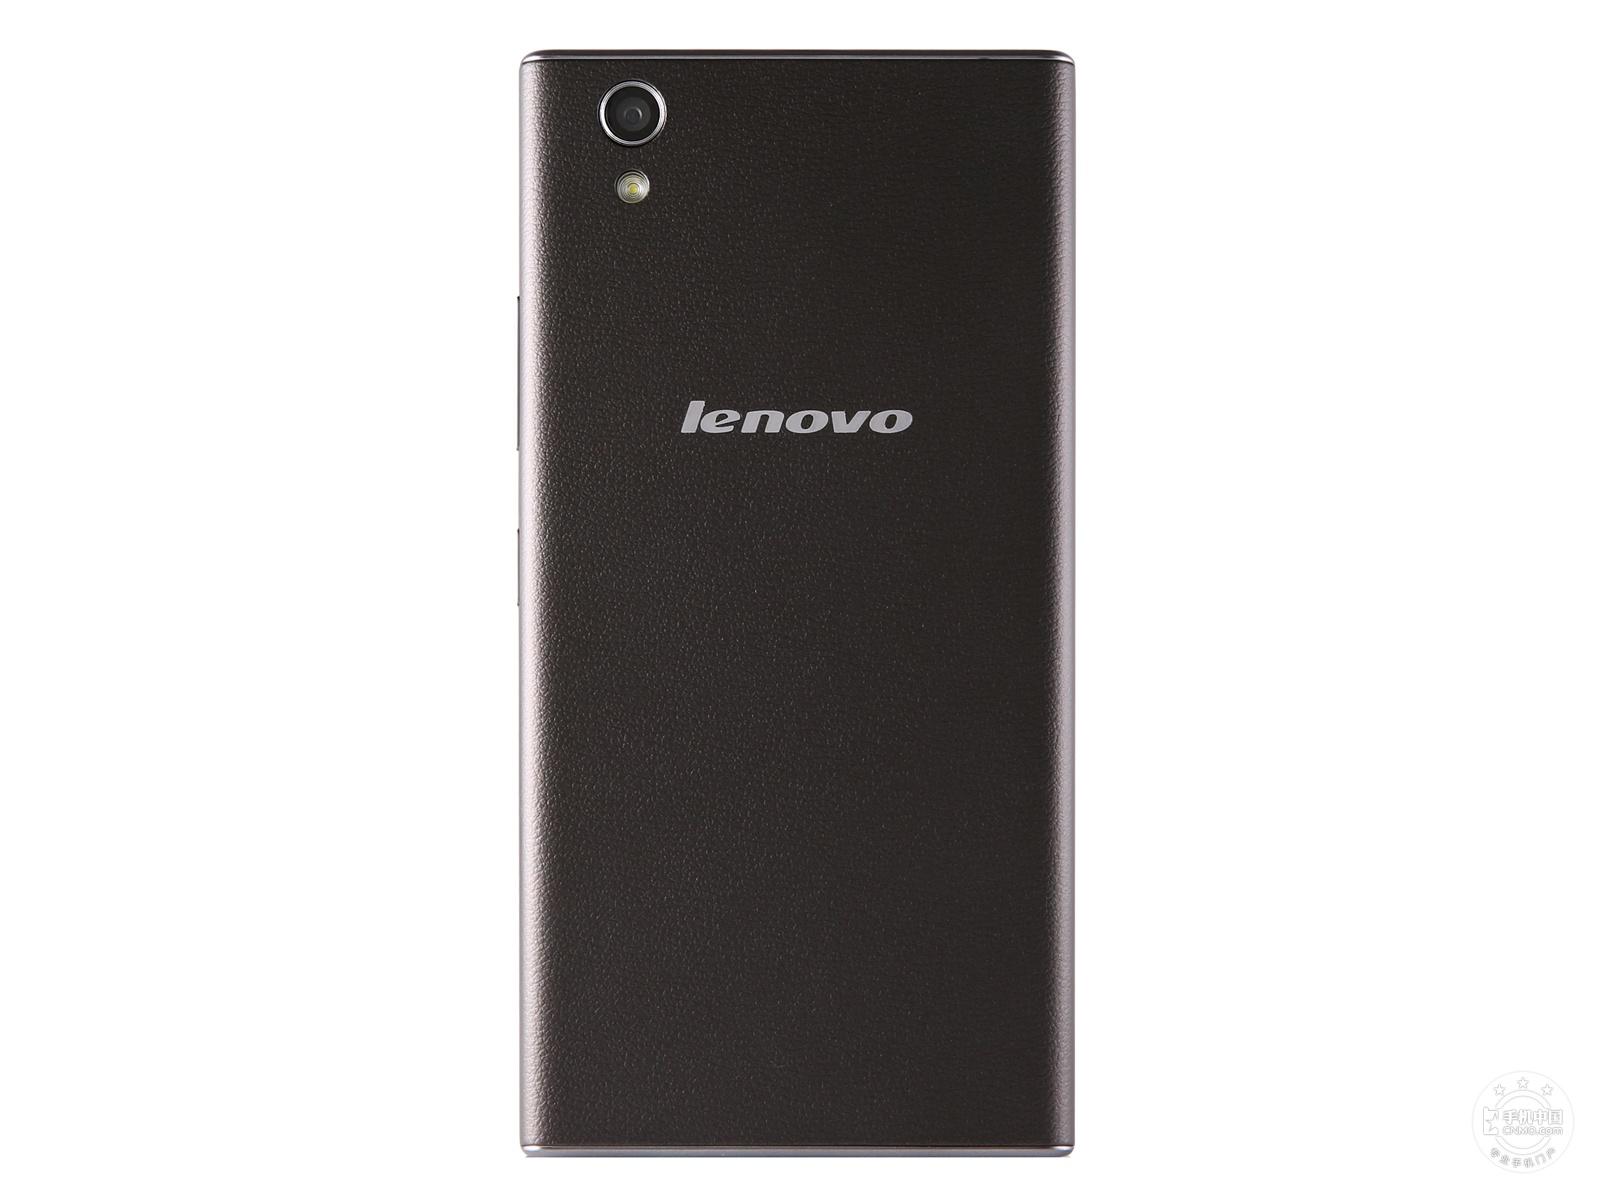 联想P70(16GB)产品本身外观第5张